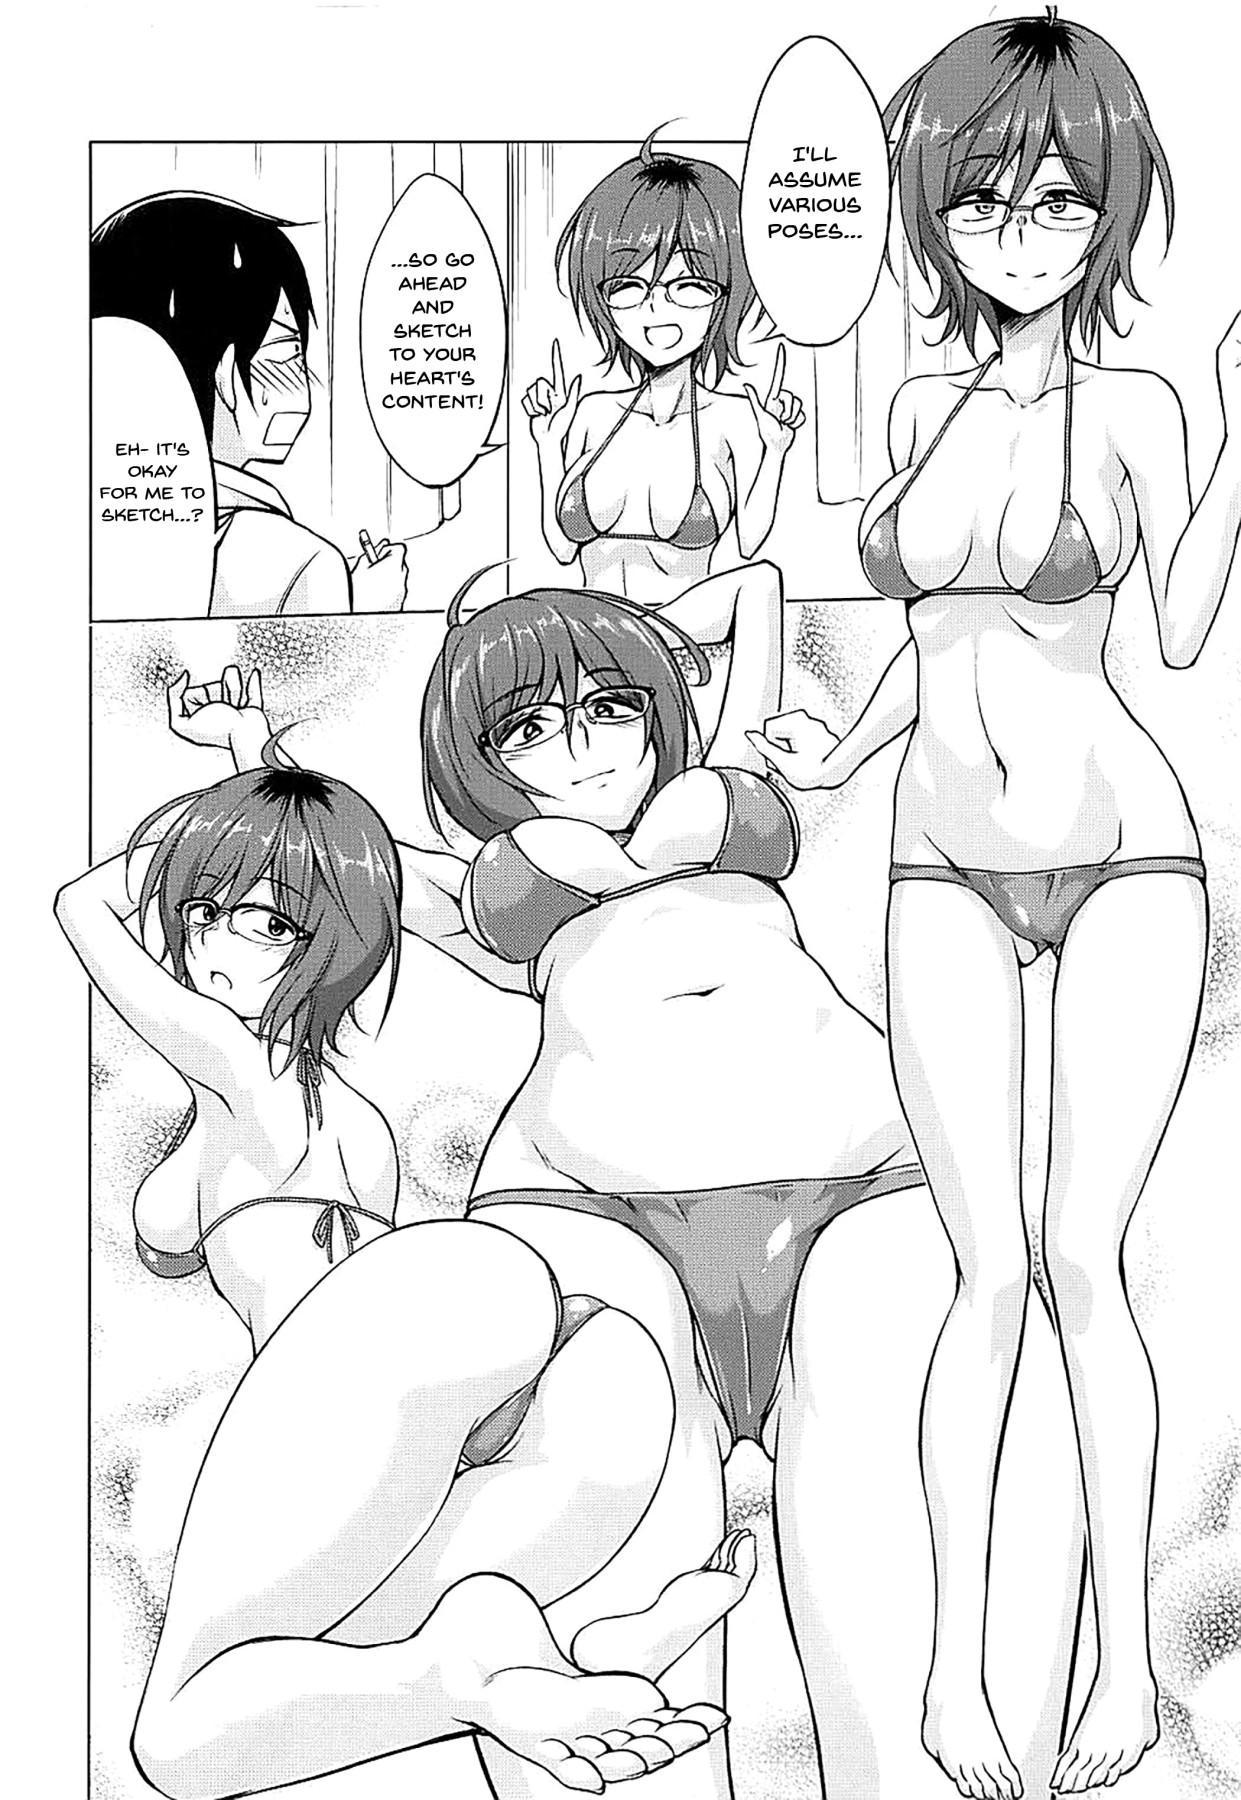 Hajime DE Shasei | For Hajime's Ero Doujins 2